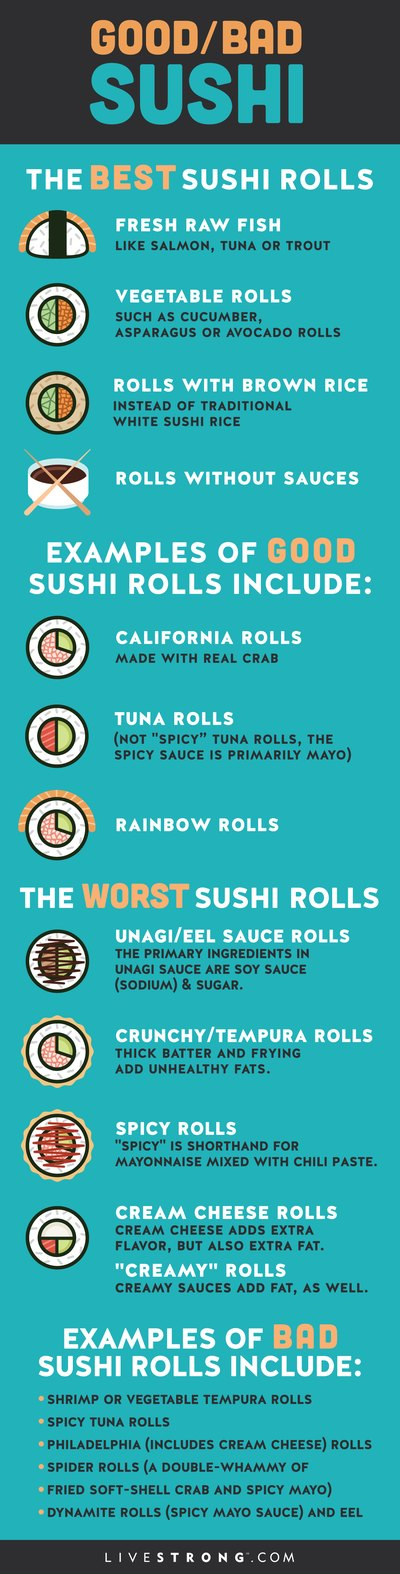 Il pesce crudo fresco come il sushi di salmone è una buona scelta.